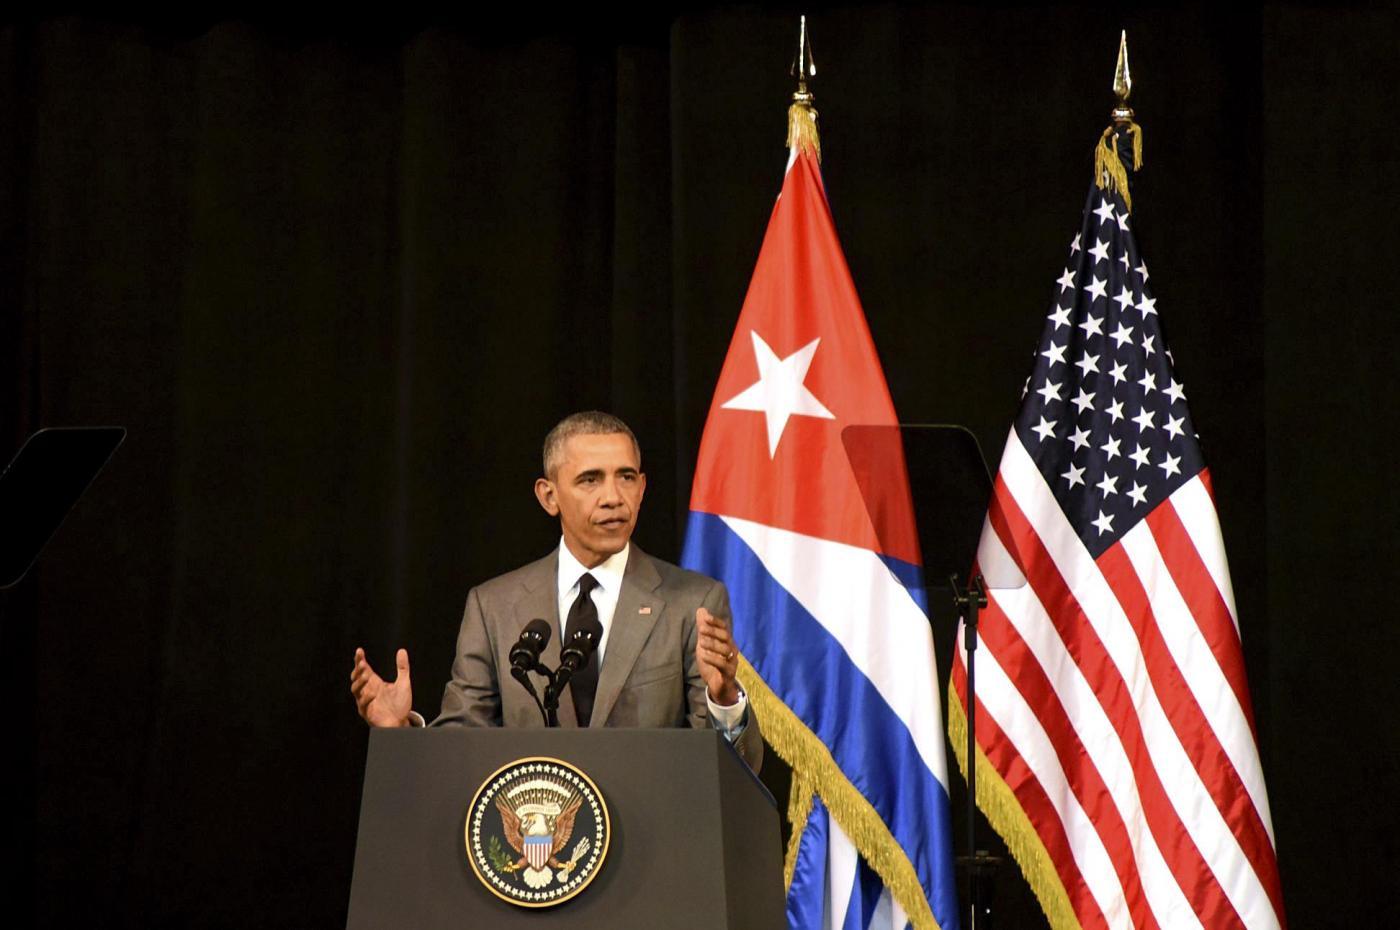 Ultimo giorno della visita di Barack Obama a Cuba